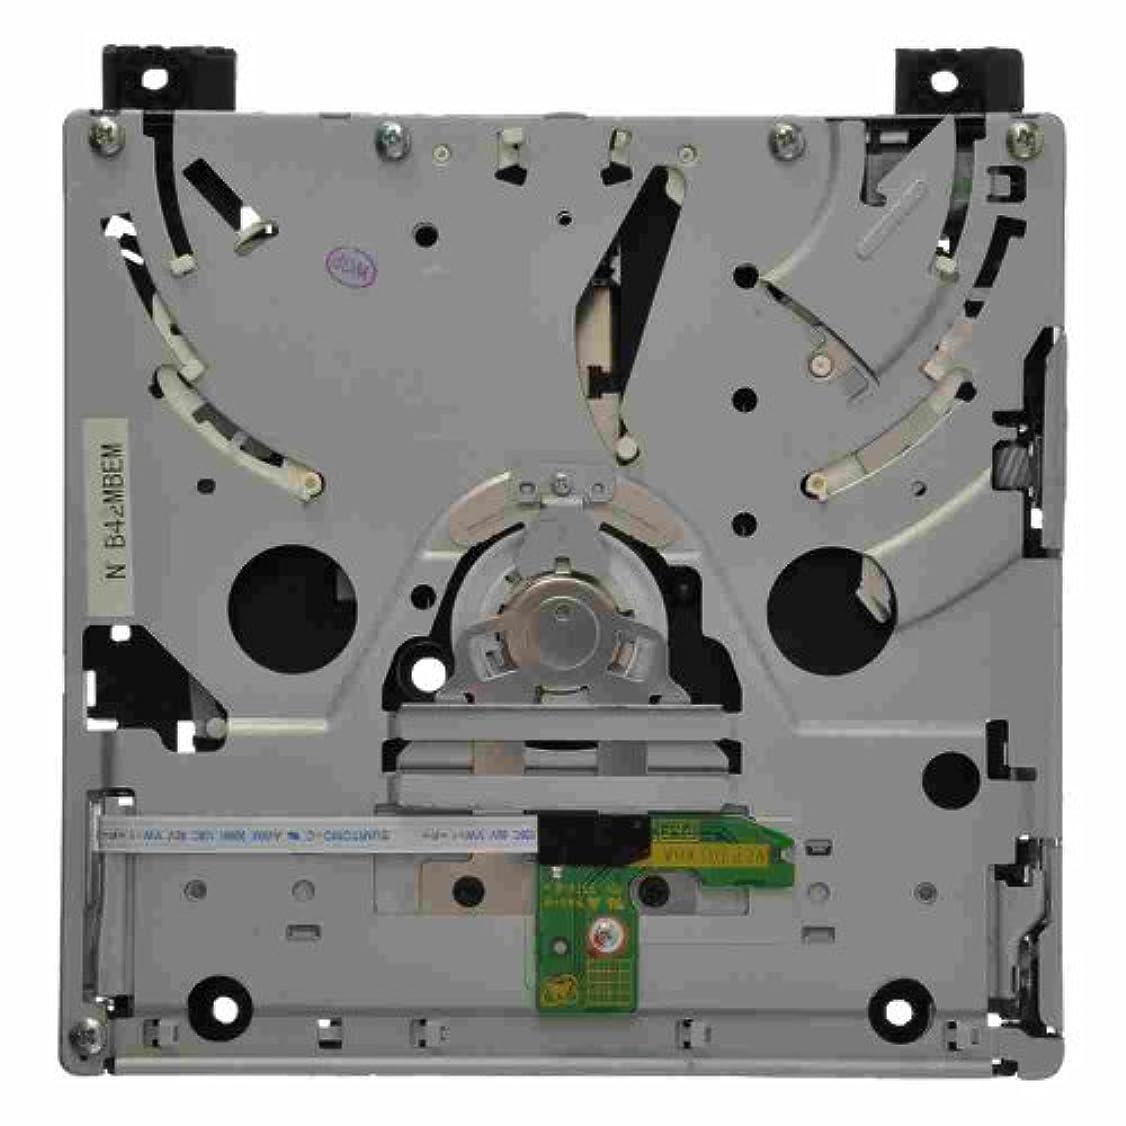 暴力ミネラル資料オリジナルコンプリート DVD-ROM ドライブ Nintendo Wii用